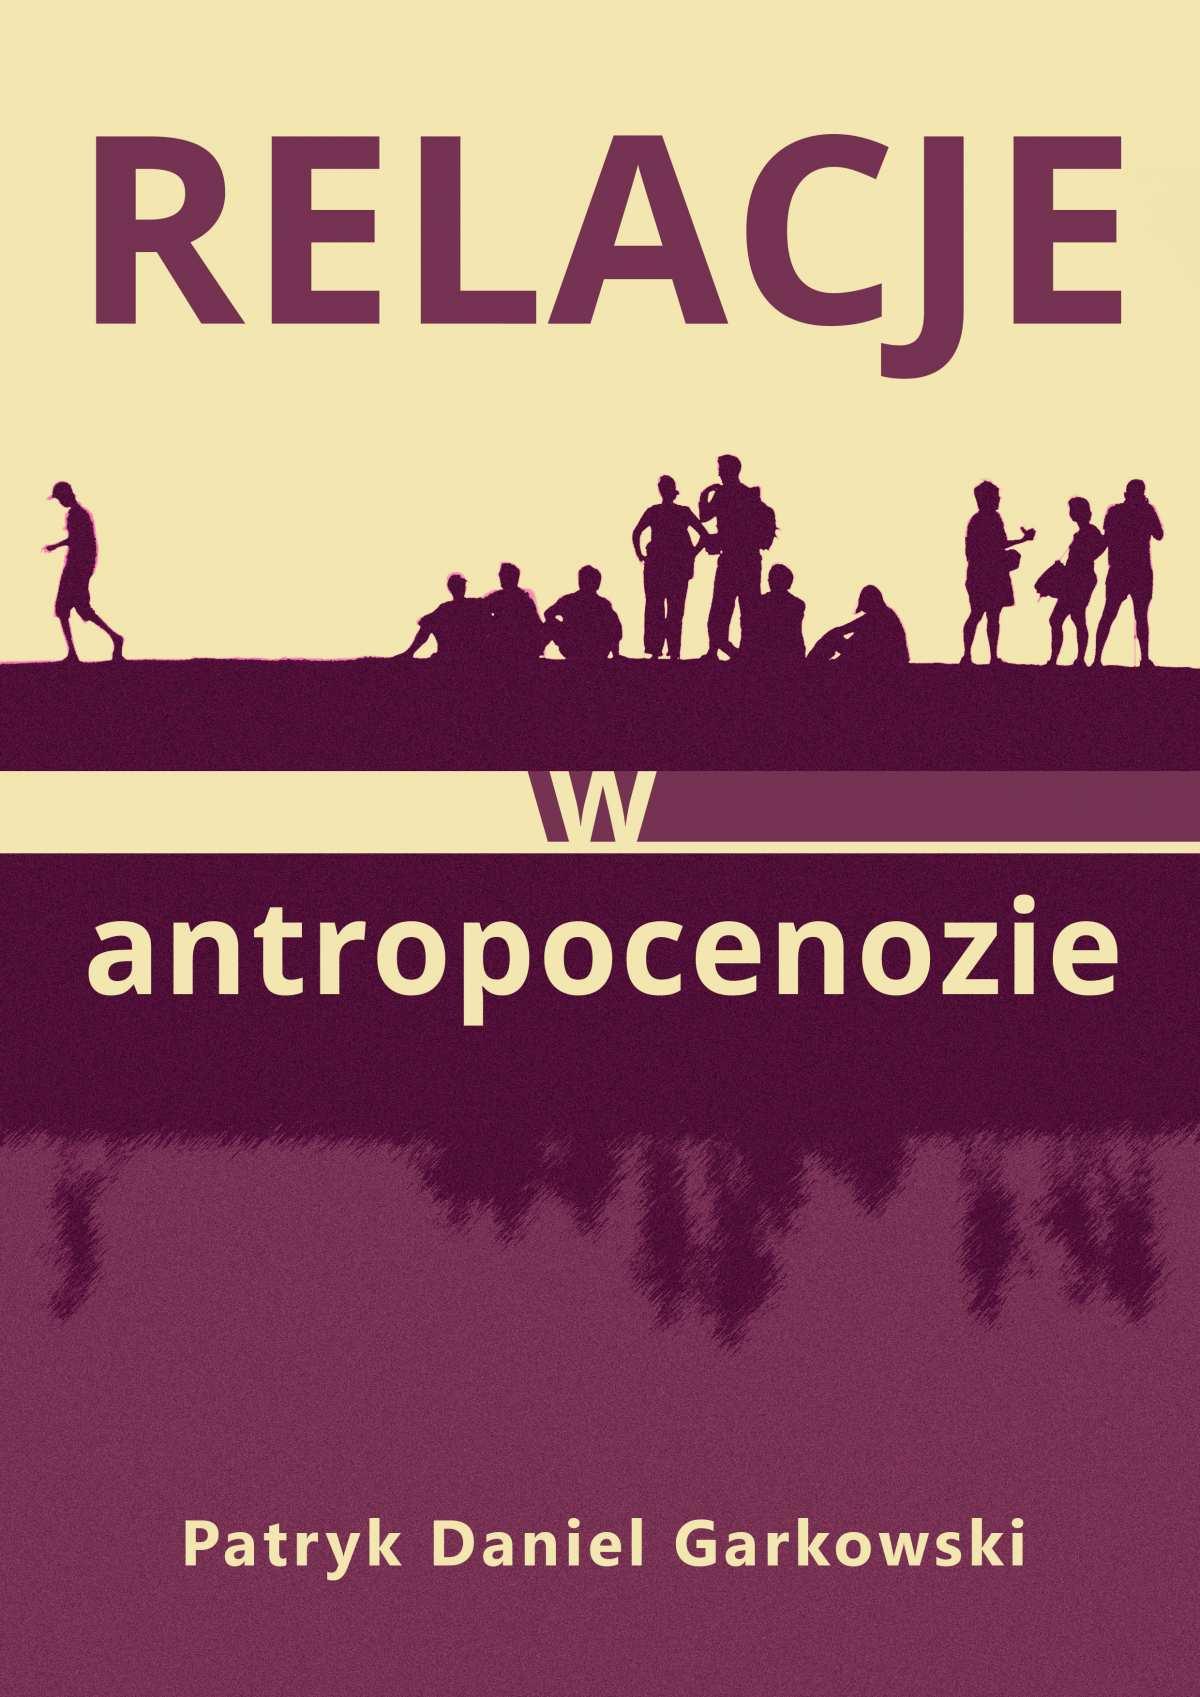 Relacje w antropocenozie - Ebook (Książka PDF) do pobrania w formacie PDF